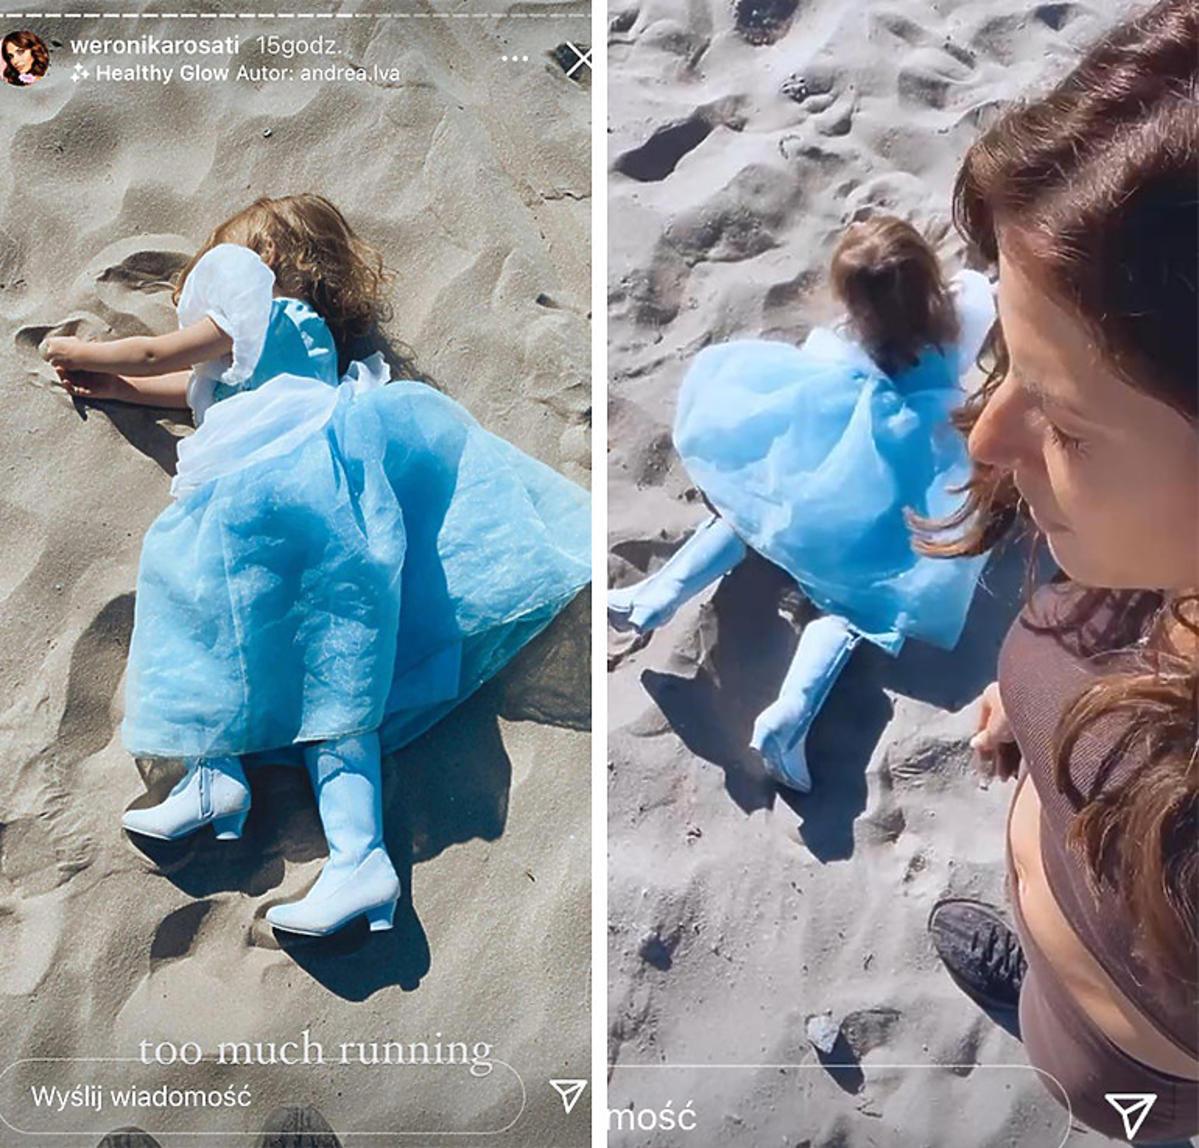 Córka Weroniki Rosati w butach na obcasie